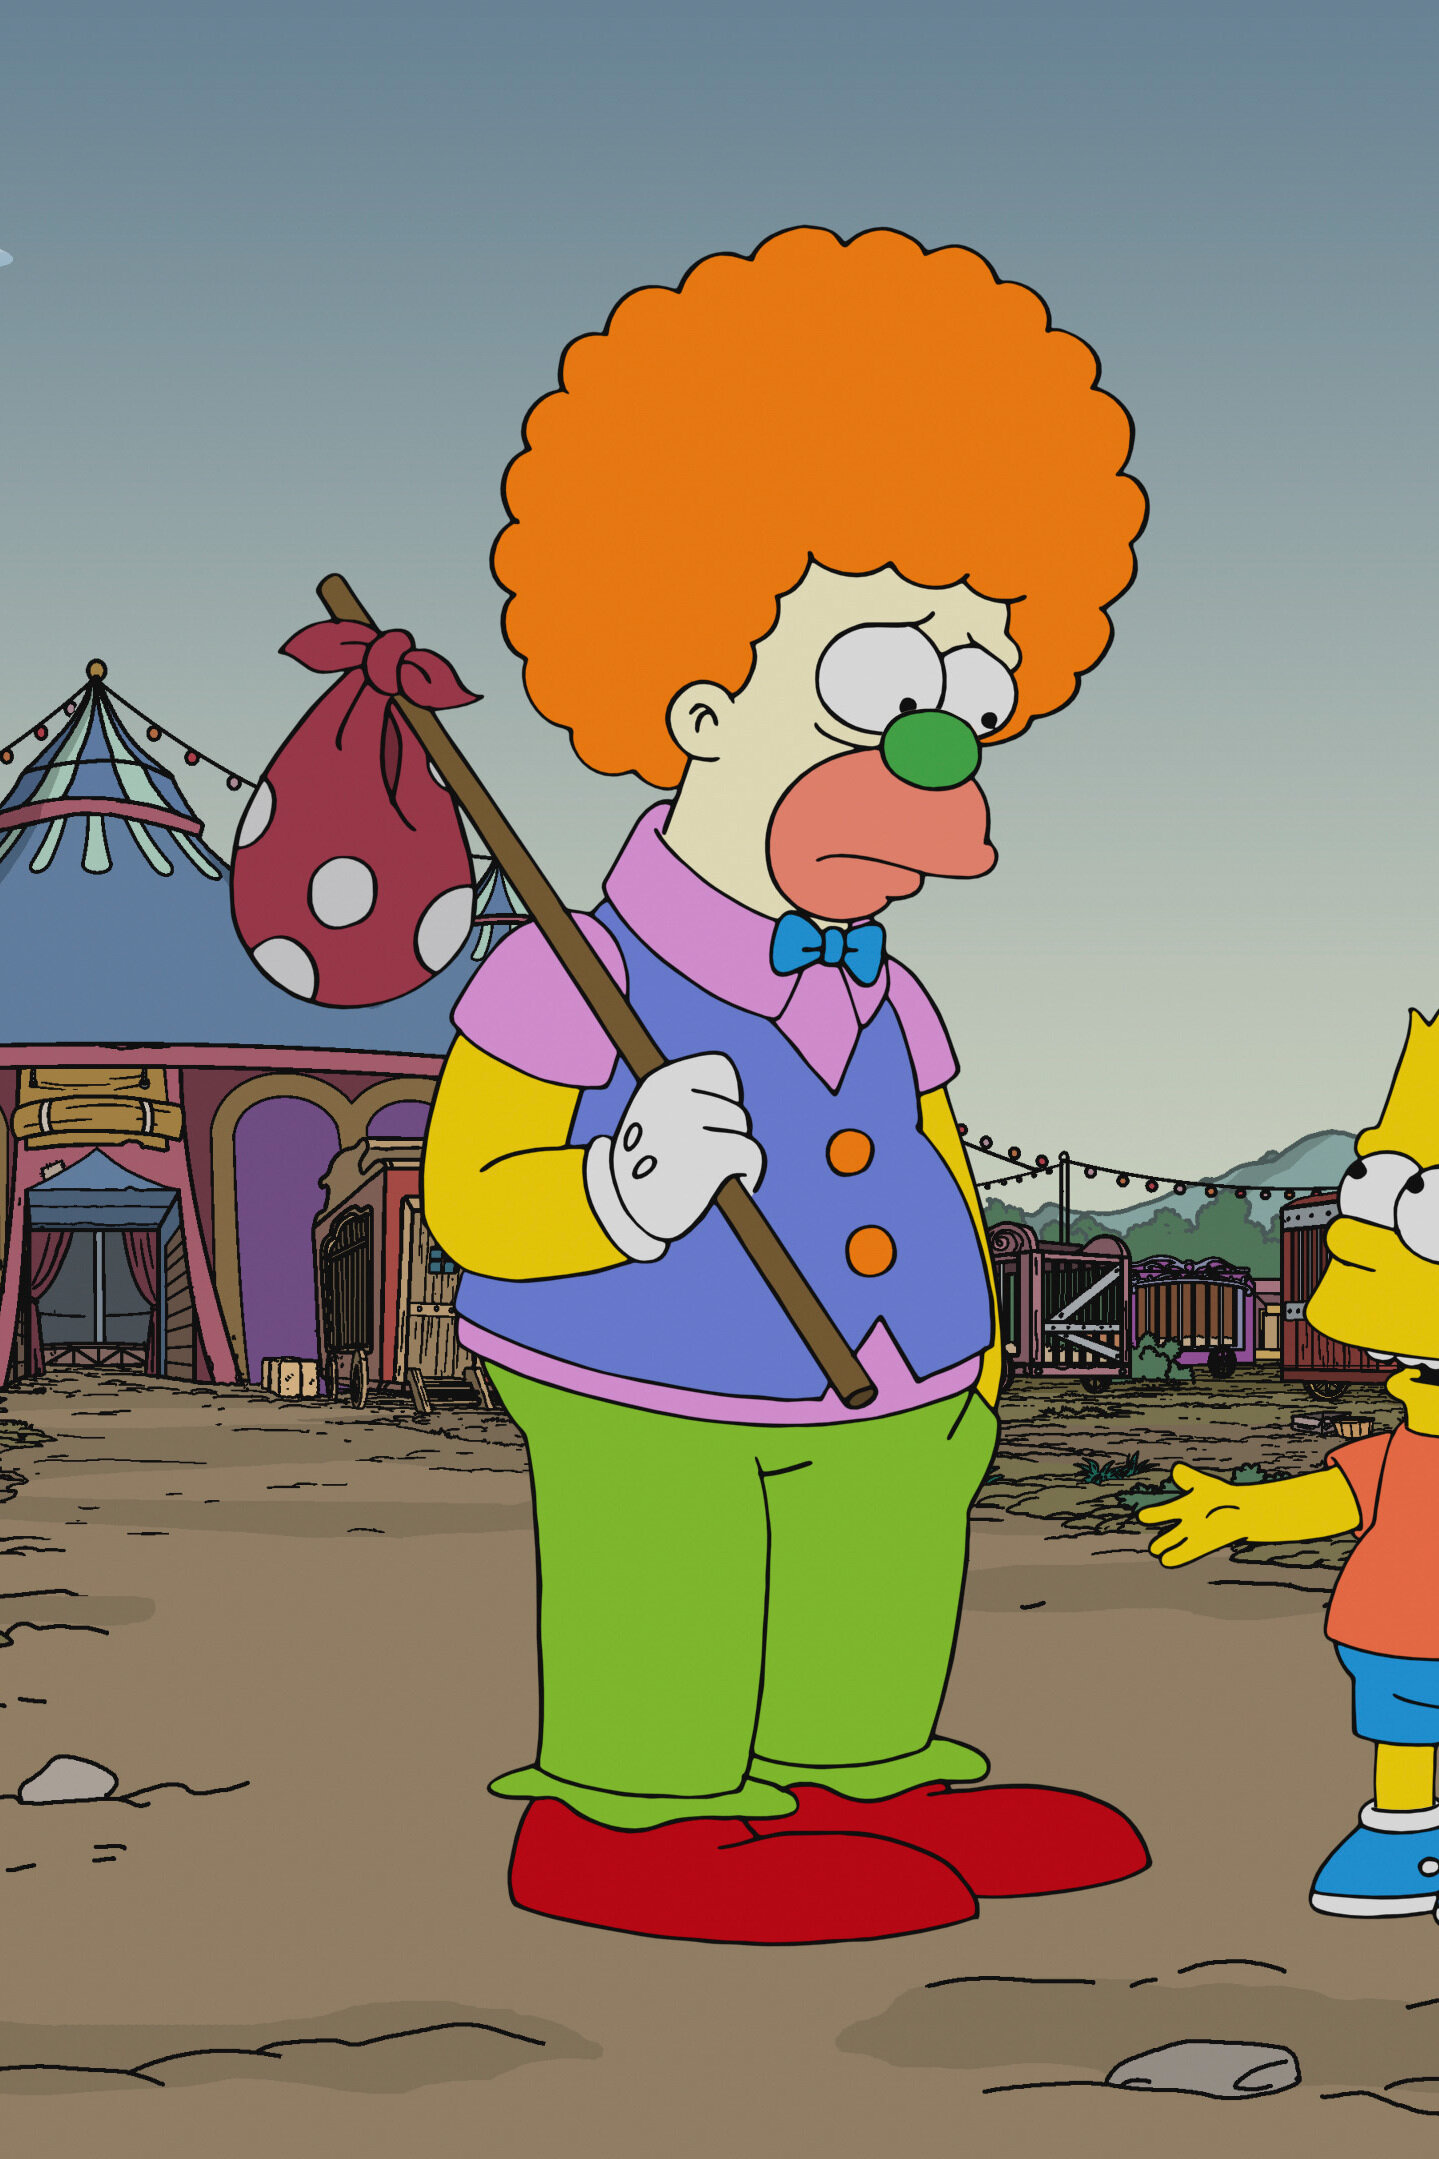 Les Simpson - Krusty le clown